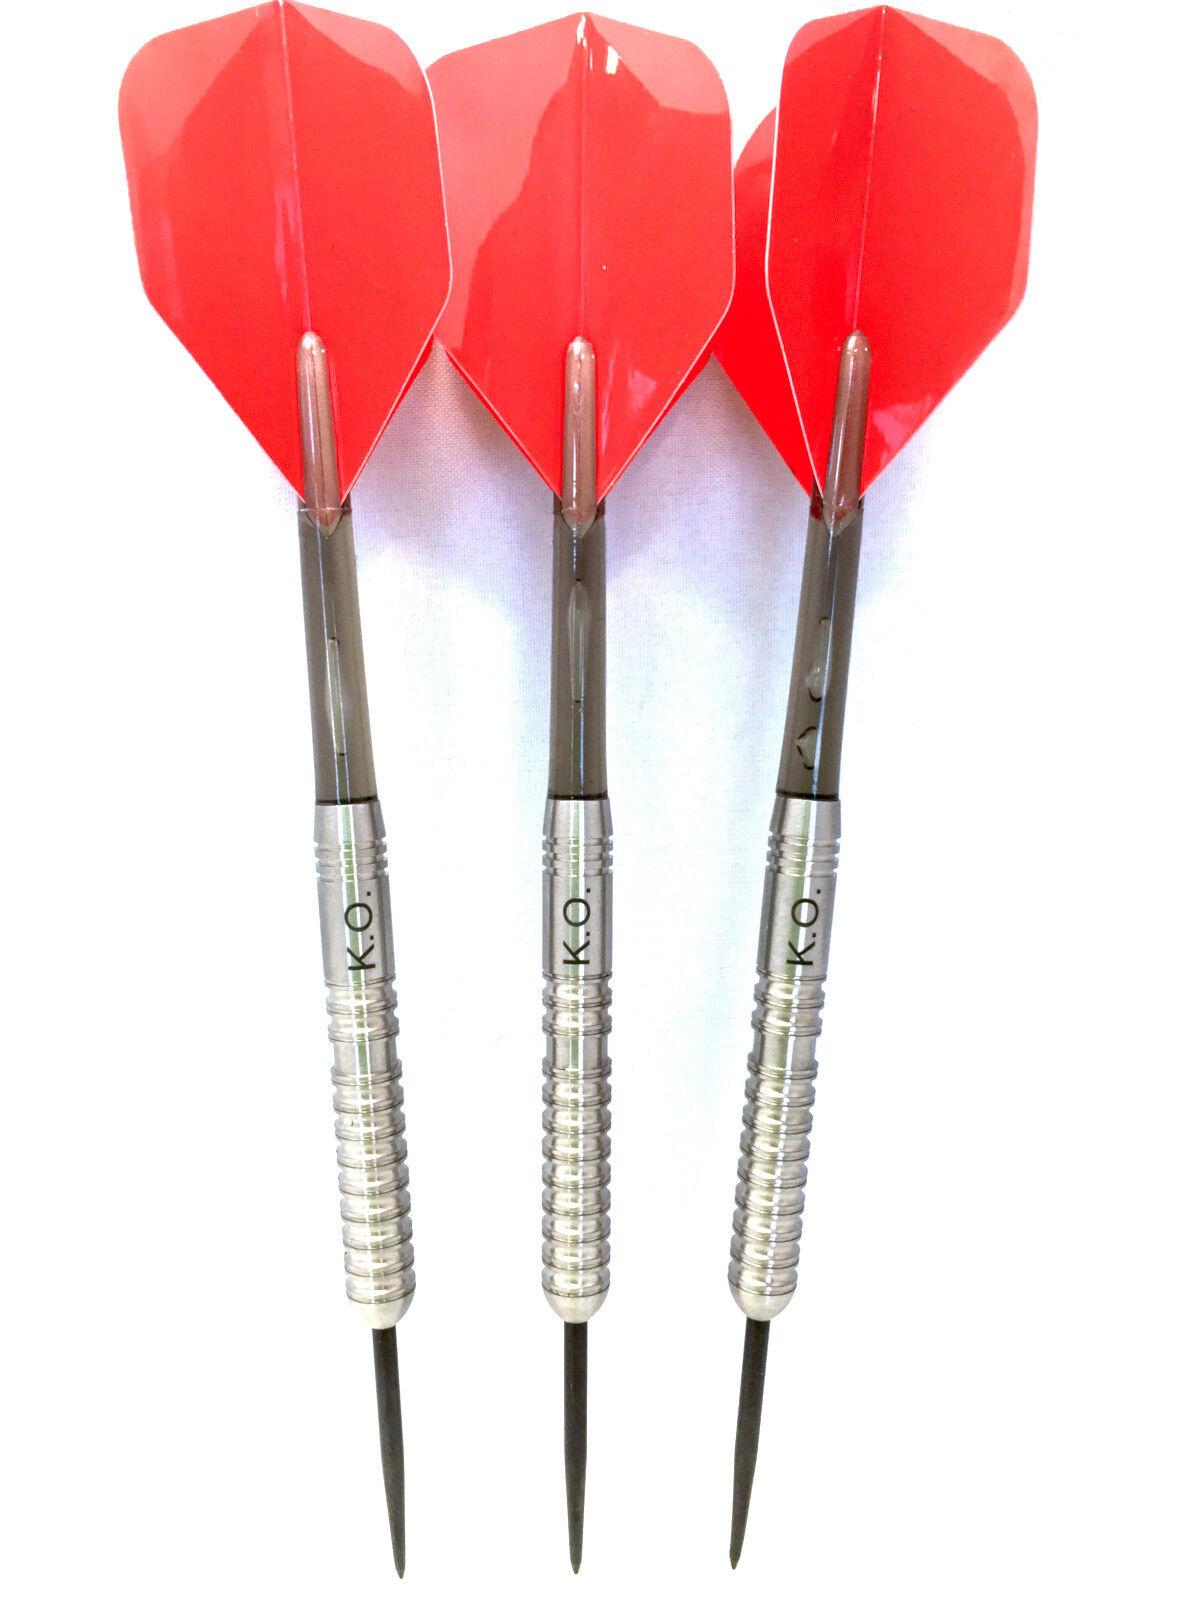 KO Steel Tip Darts, 24 Gram 90% Tungsten Darts Darts Darts With Case, Professional Dart Set bdd3c4